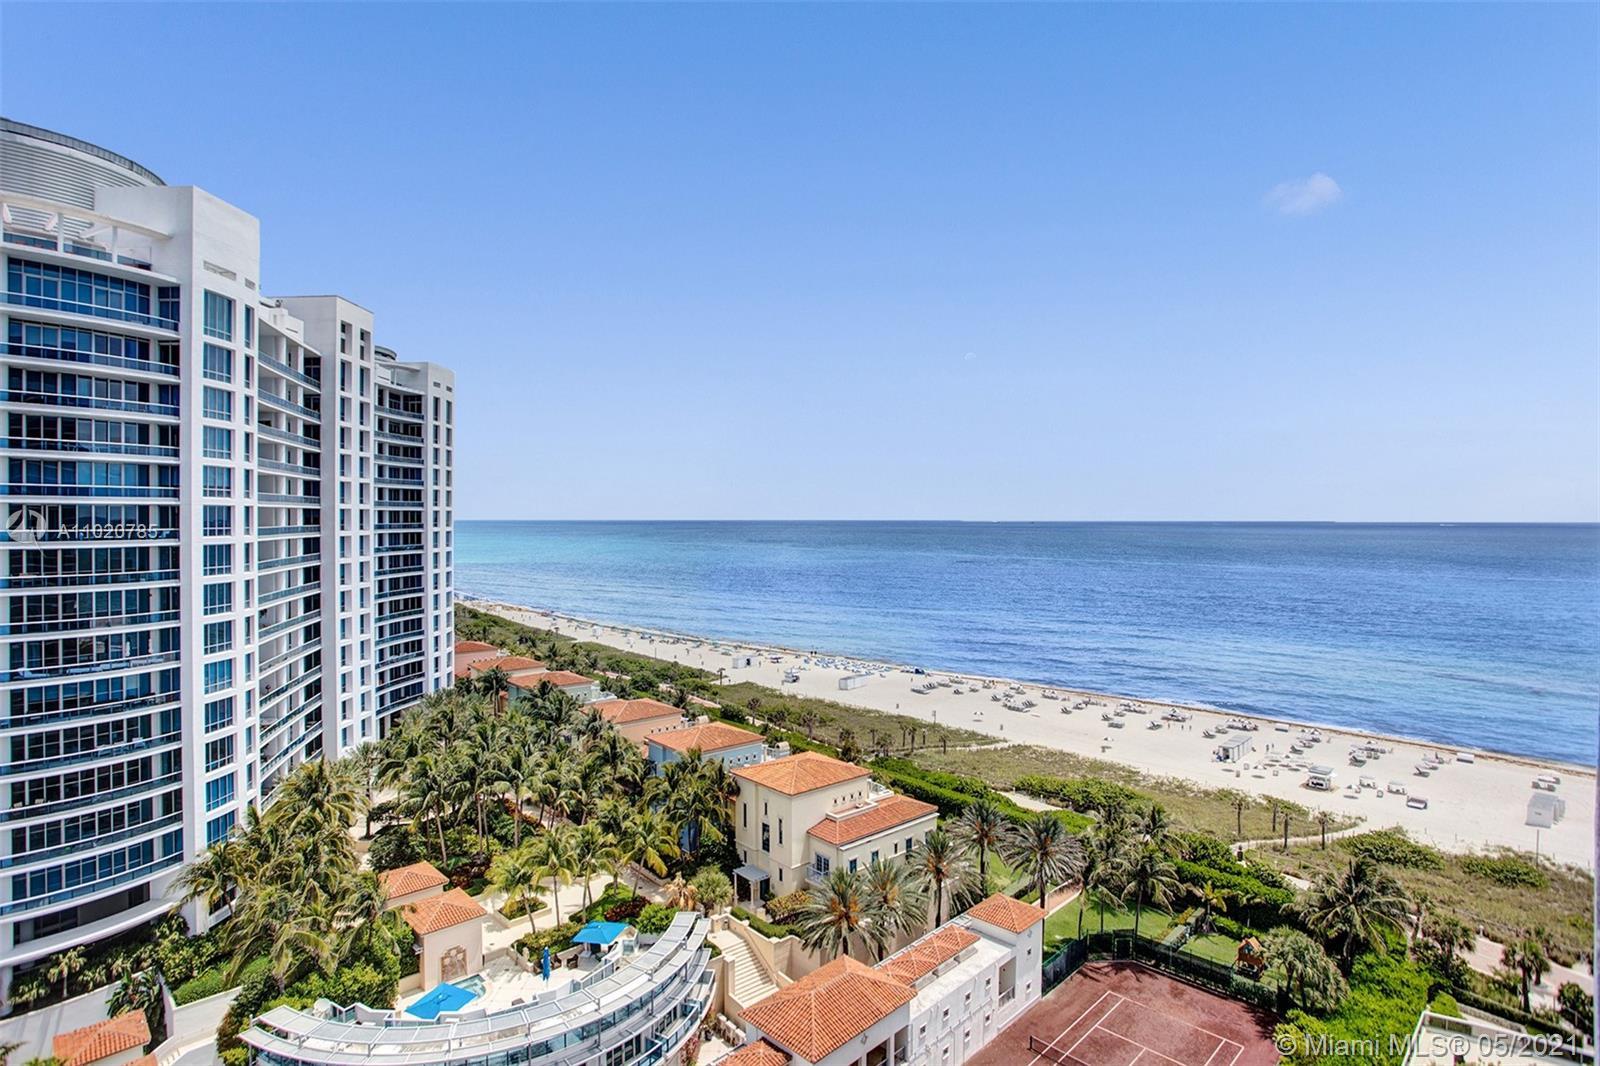 5875 Collins Ave Unit 1607, Miami Beach, Florida 33140